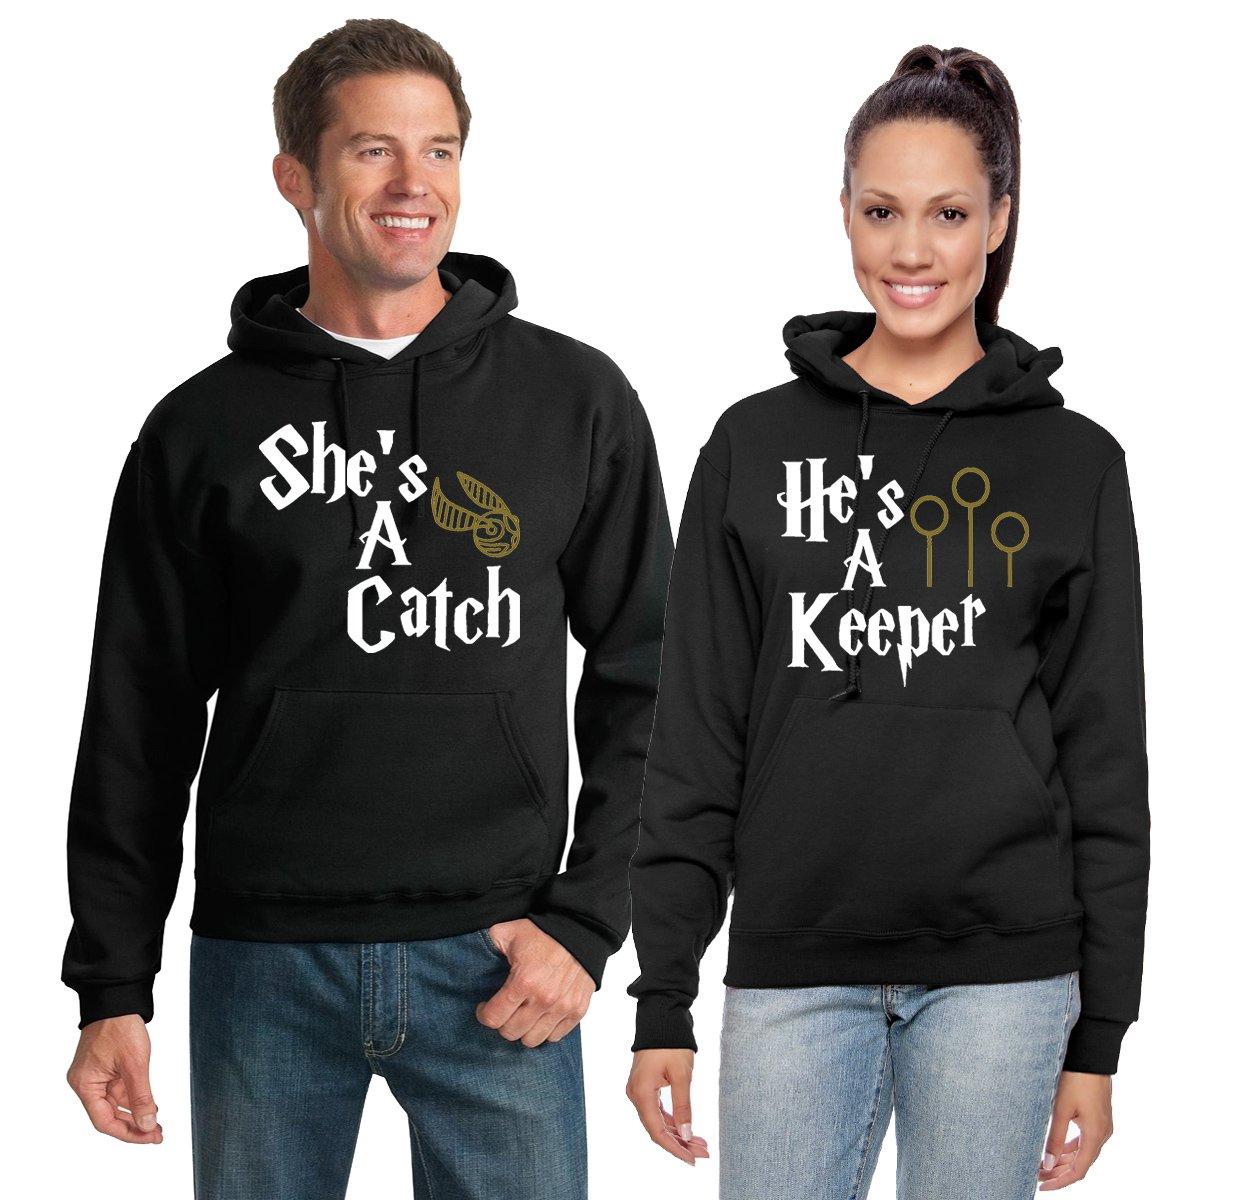 He's A Keeper/She's A Catch   Harry Potter Fan   Couples Hoodie Set Hooded Sweatshirts Men L Women S